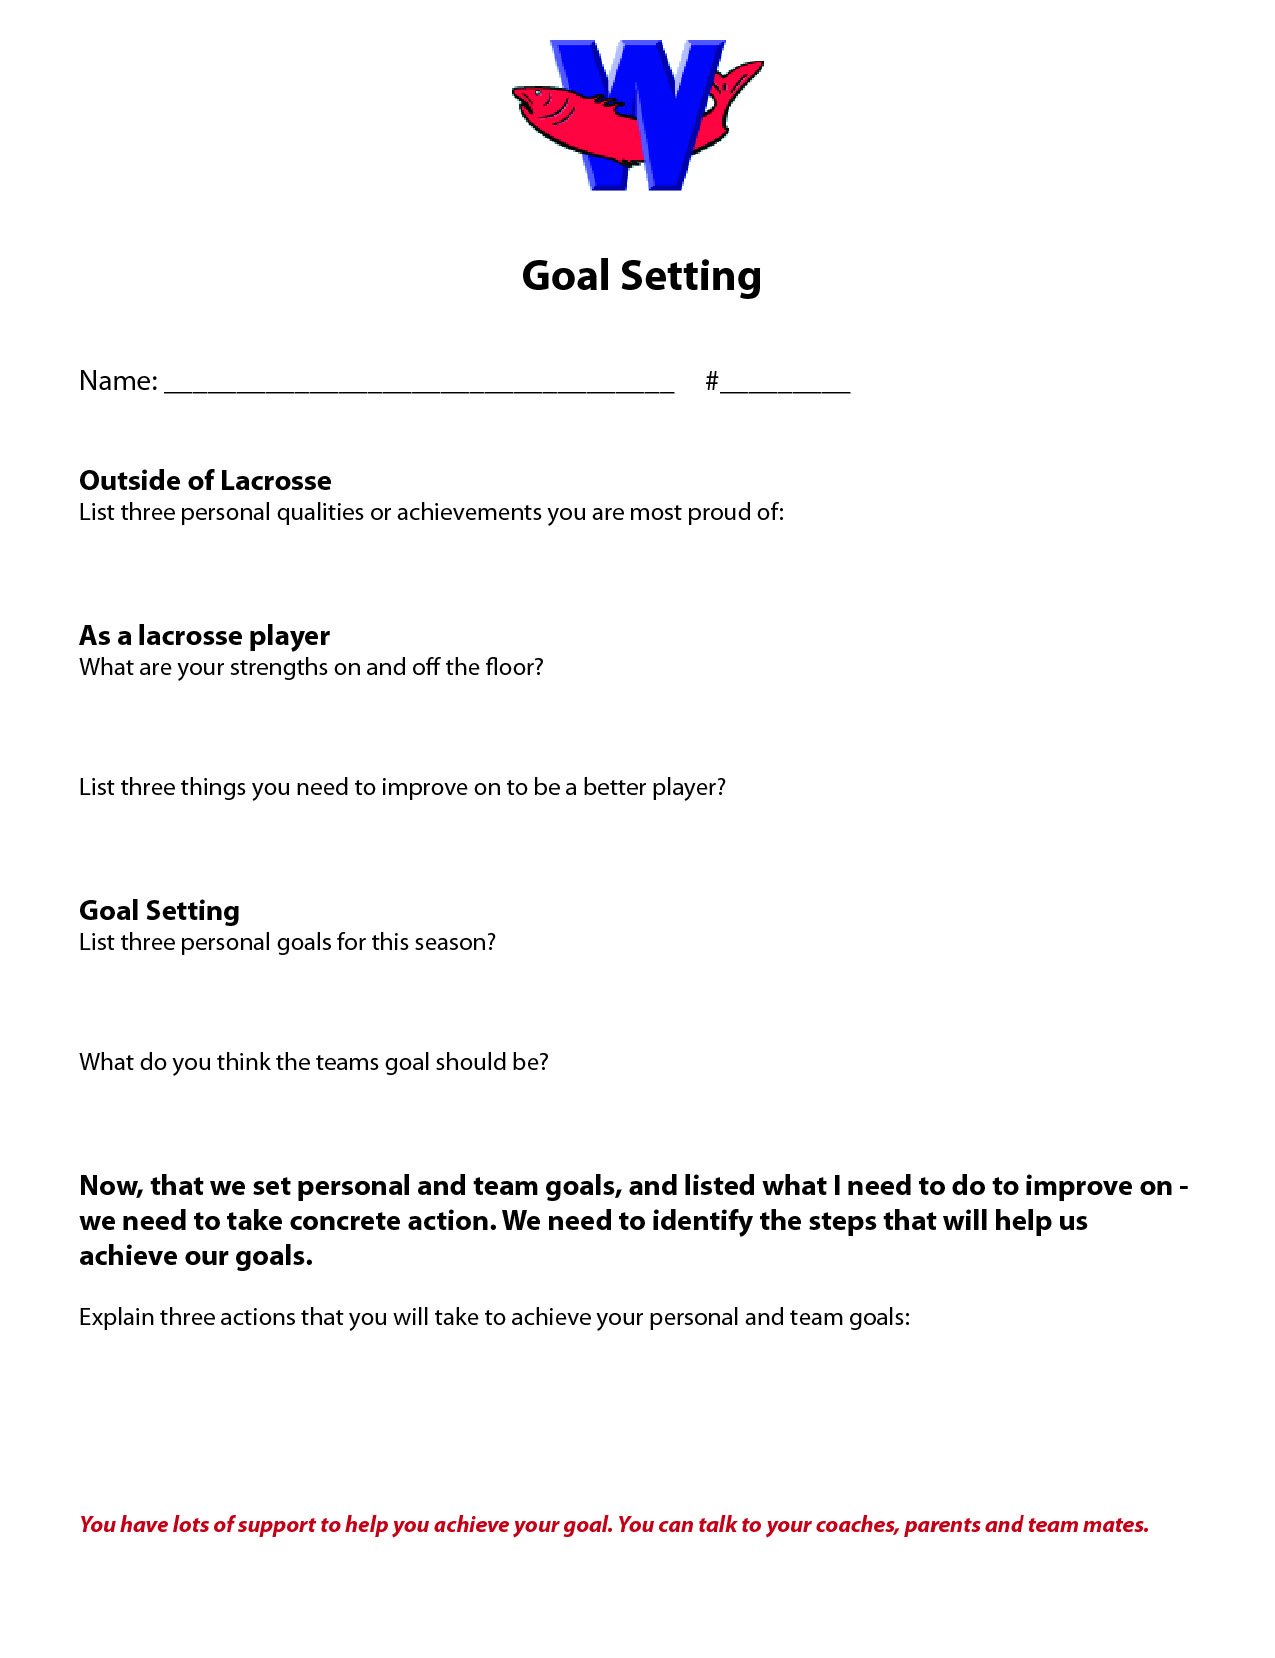 king-devick test scoring sheet pdf